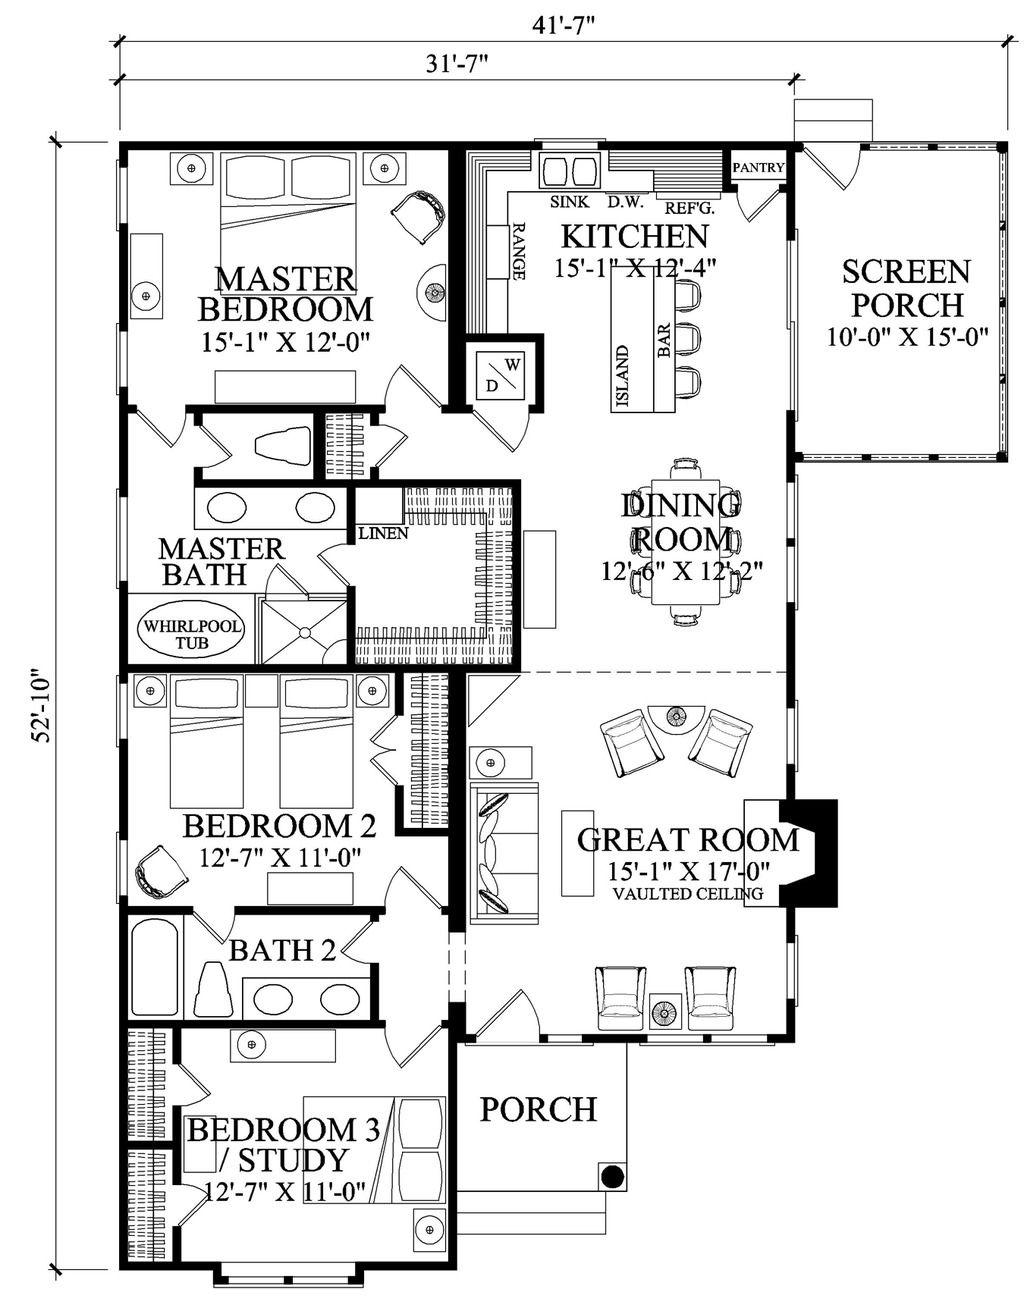 bungalow style house plan 3 beds 2 baths 1504 sq ft plan 137 270 rh pinterest com